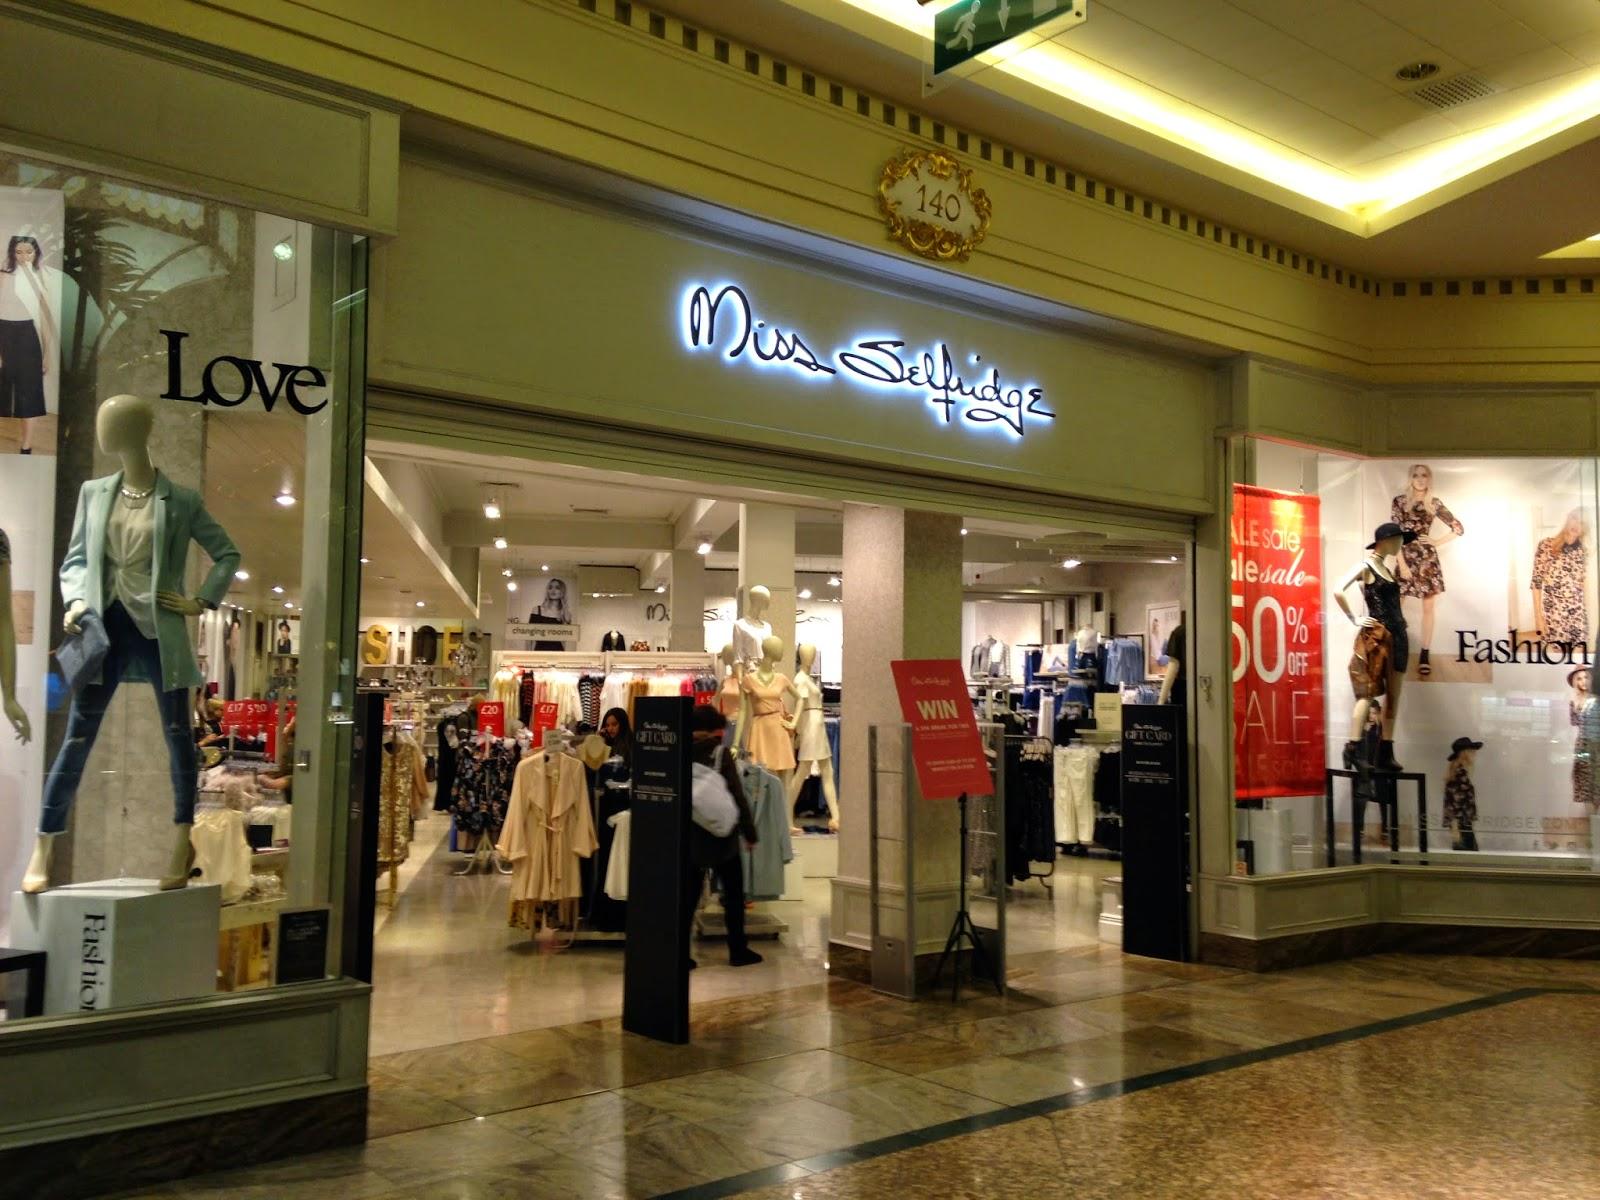 69d8d3552ba14 Grace Emily  Retail Experiences - Miss Selfridge